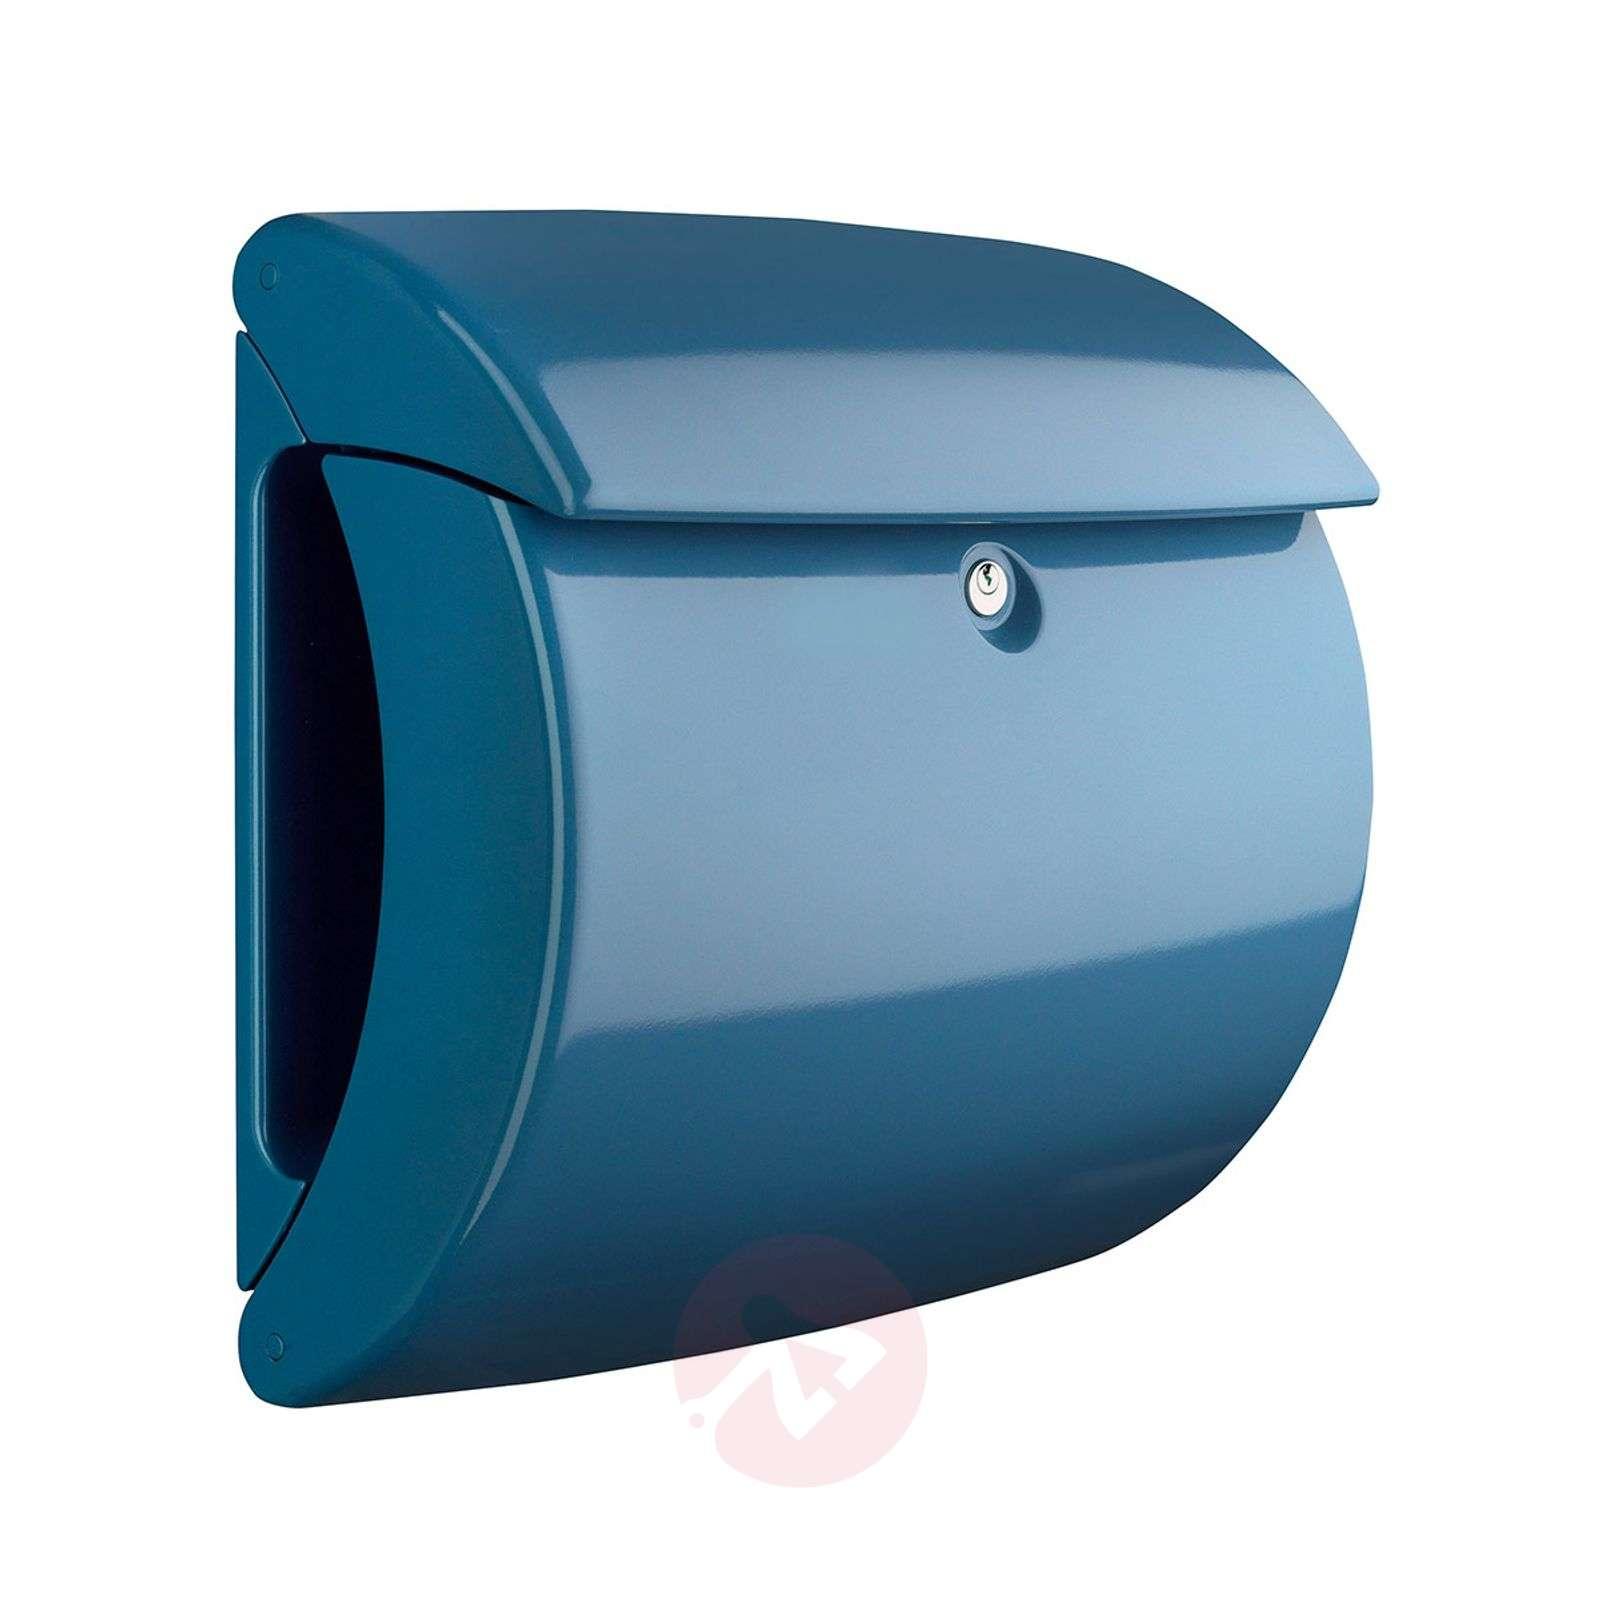 Piano 886-postilaatikko-1532125X-01